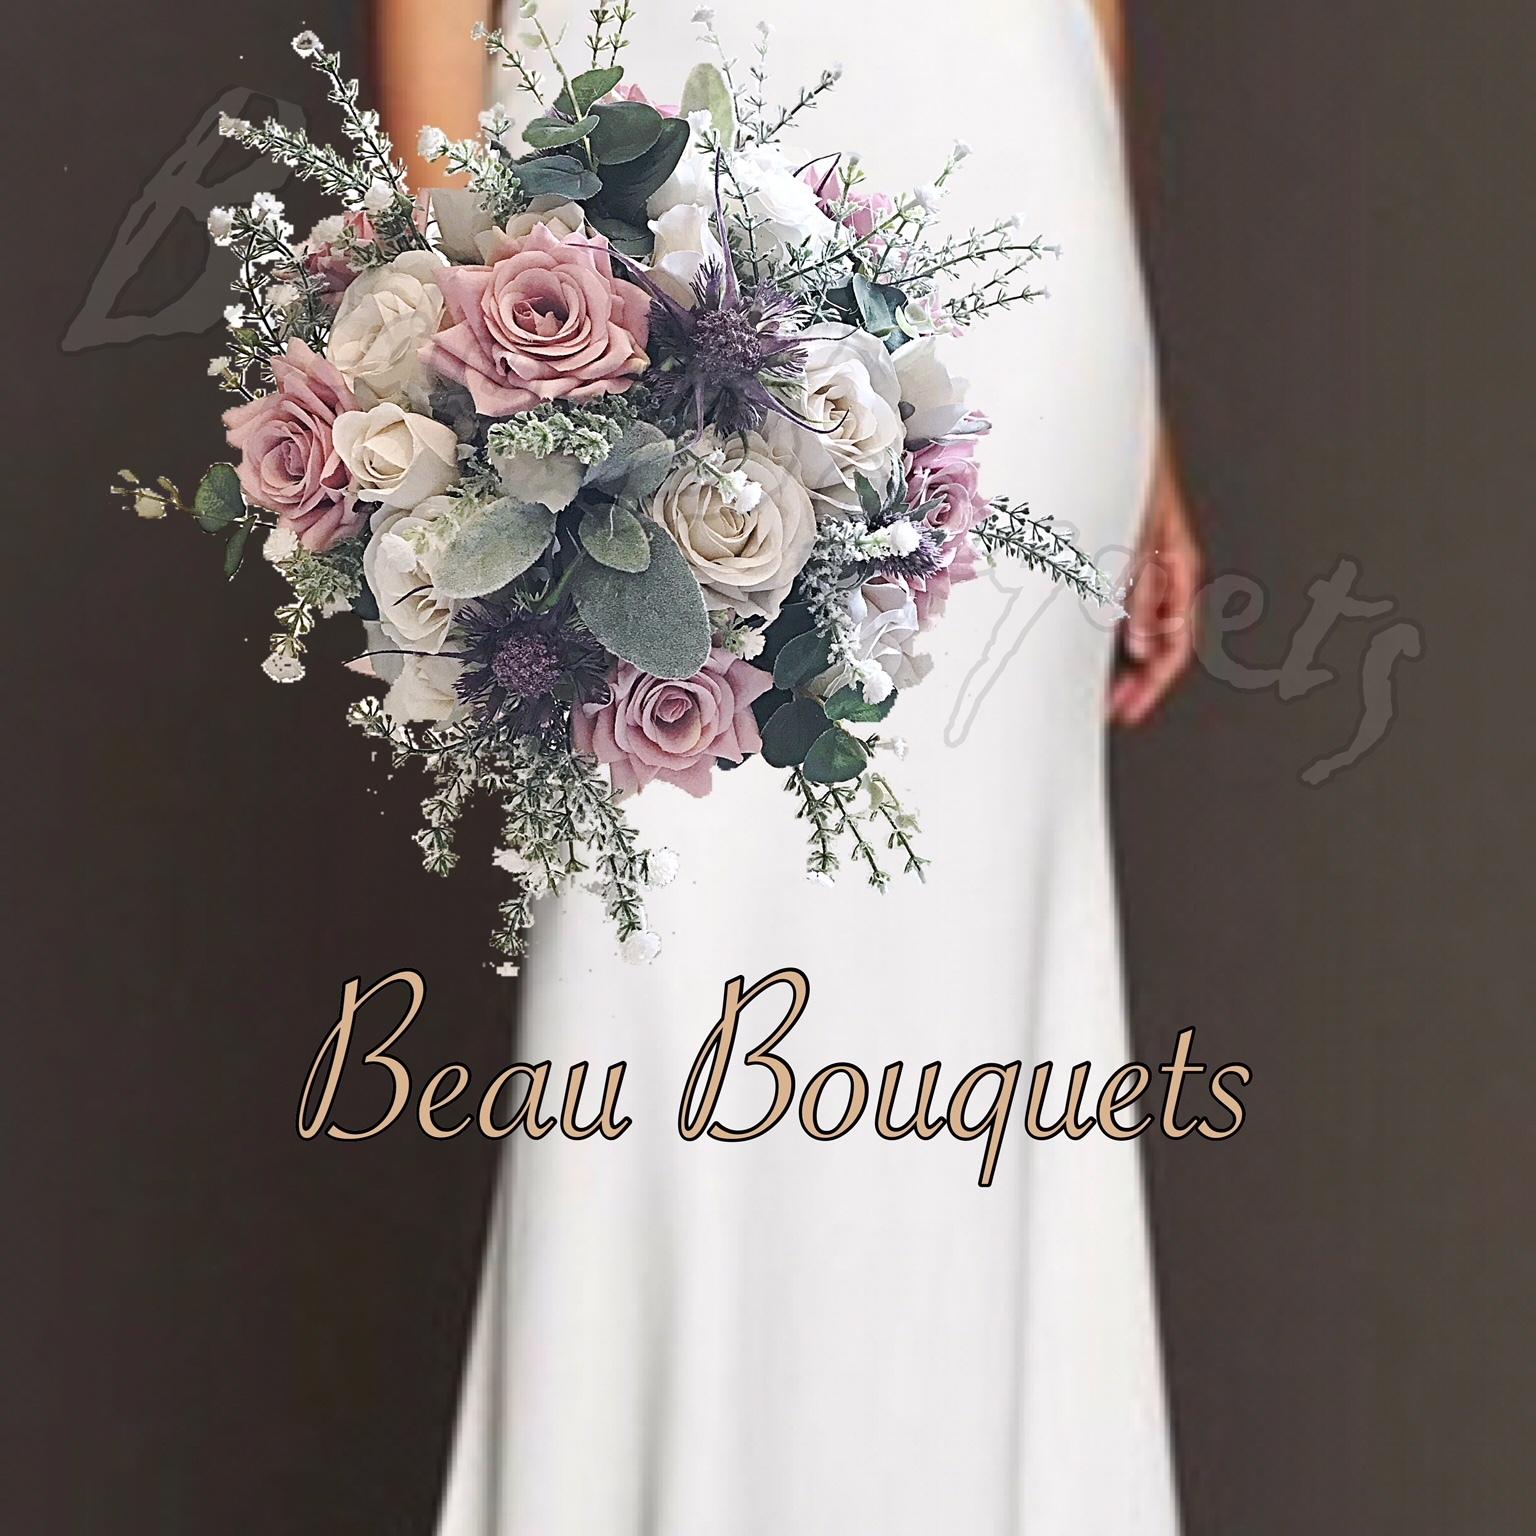 DEVOTION - SPRAY BRIDE BOUQUET Pale Cream, dusky Pink, mauve  & Rose thistle Spray Bride Bouquet With Pearl & Diamante touches